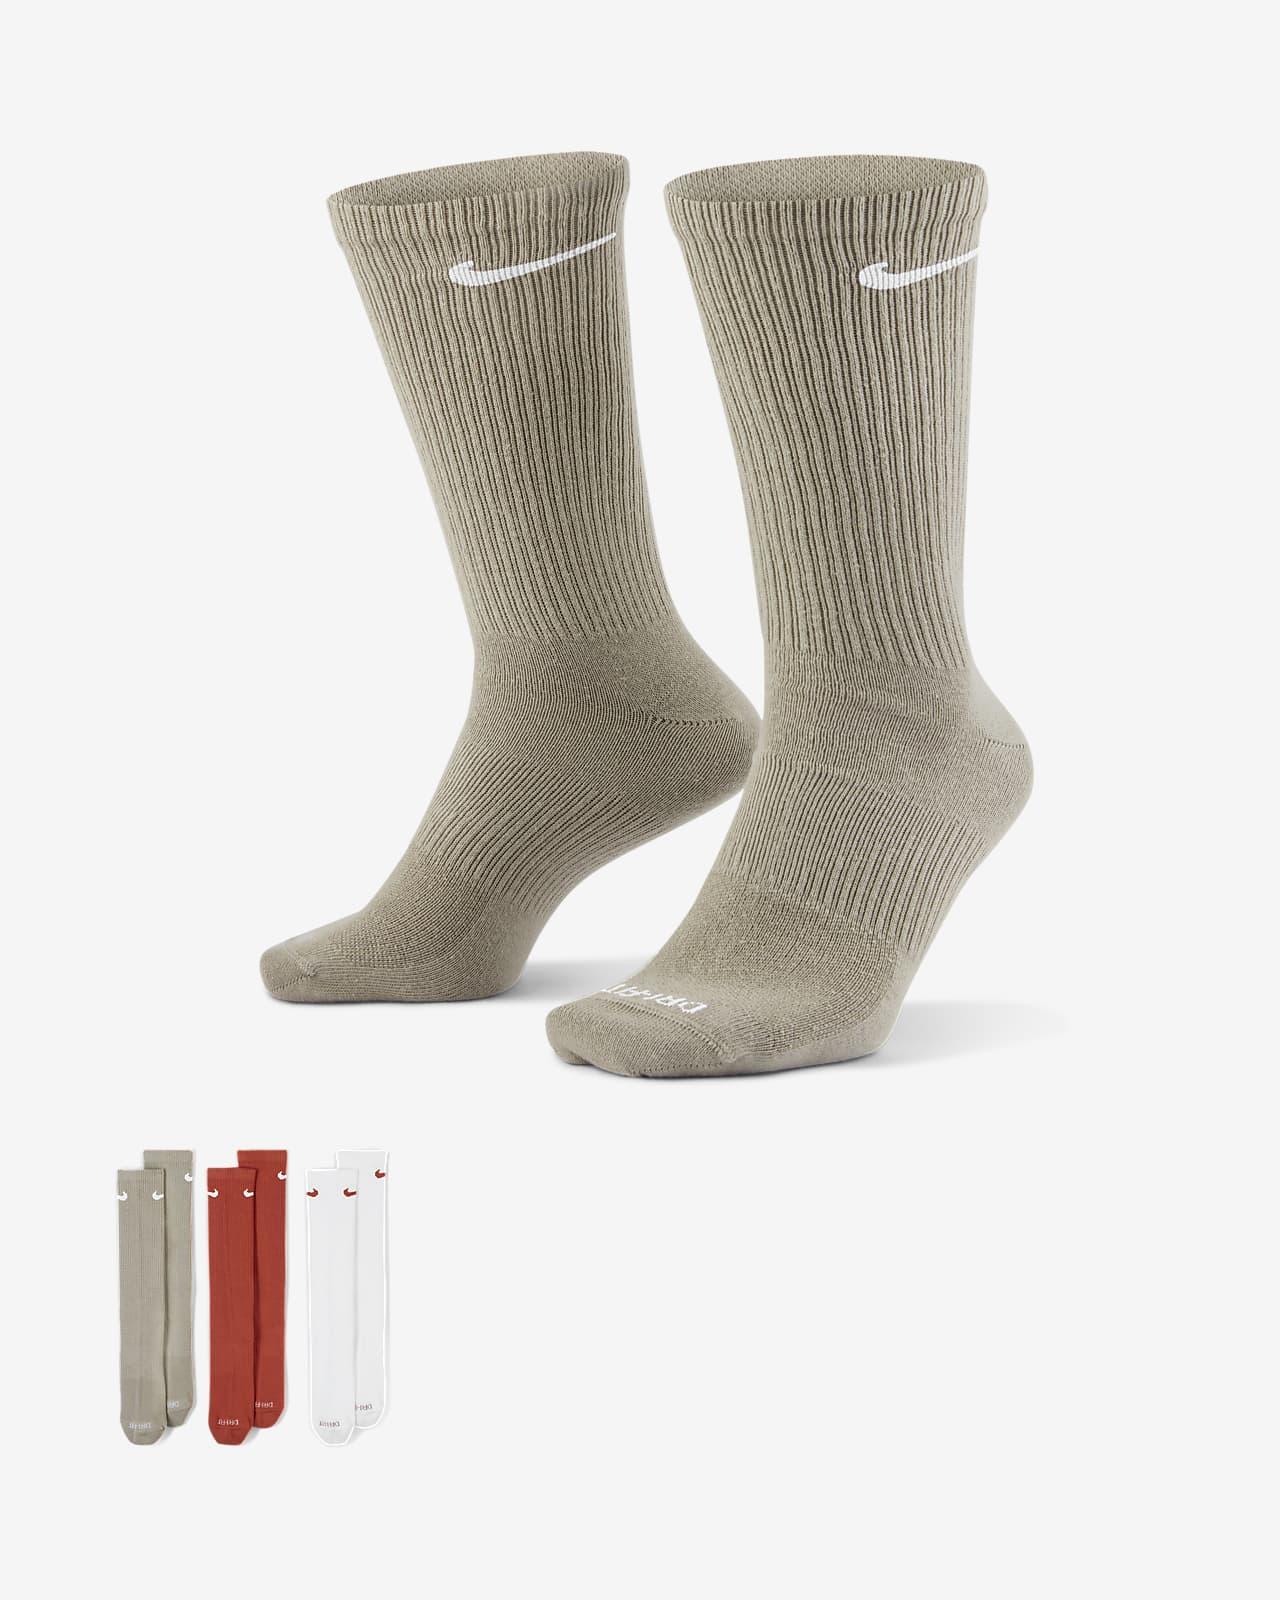 ถุงเท้าเทรนนิ่งข้อยาวผู้ชาย Nike Everyday Plus Lightweight (3 คู่)